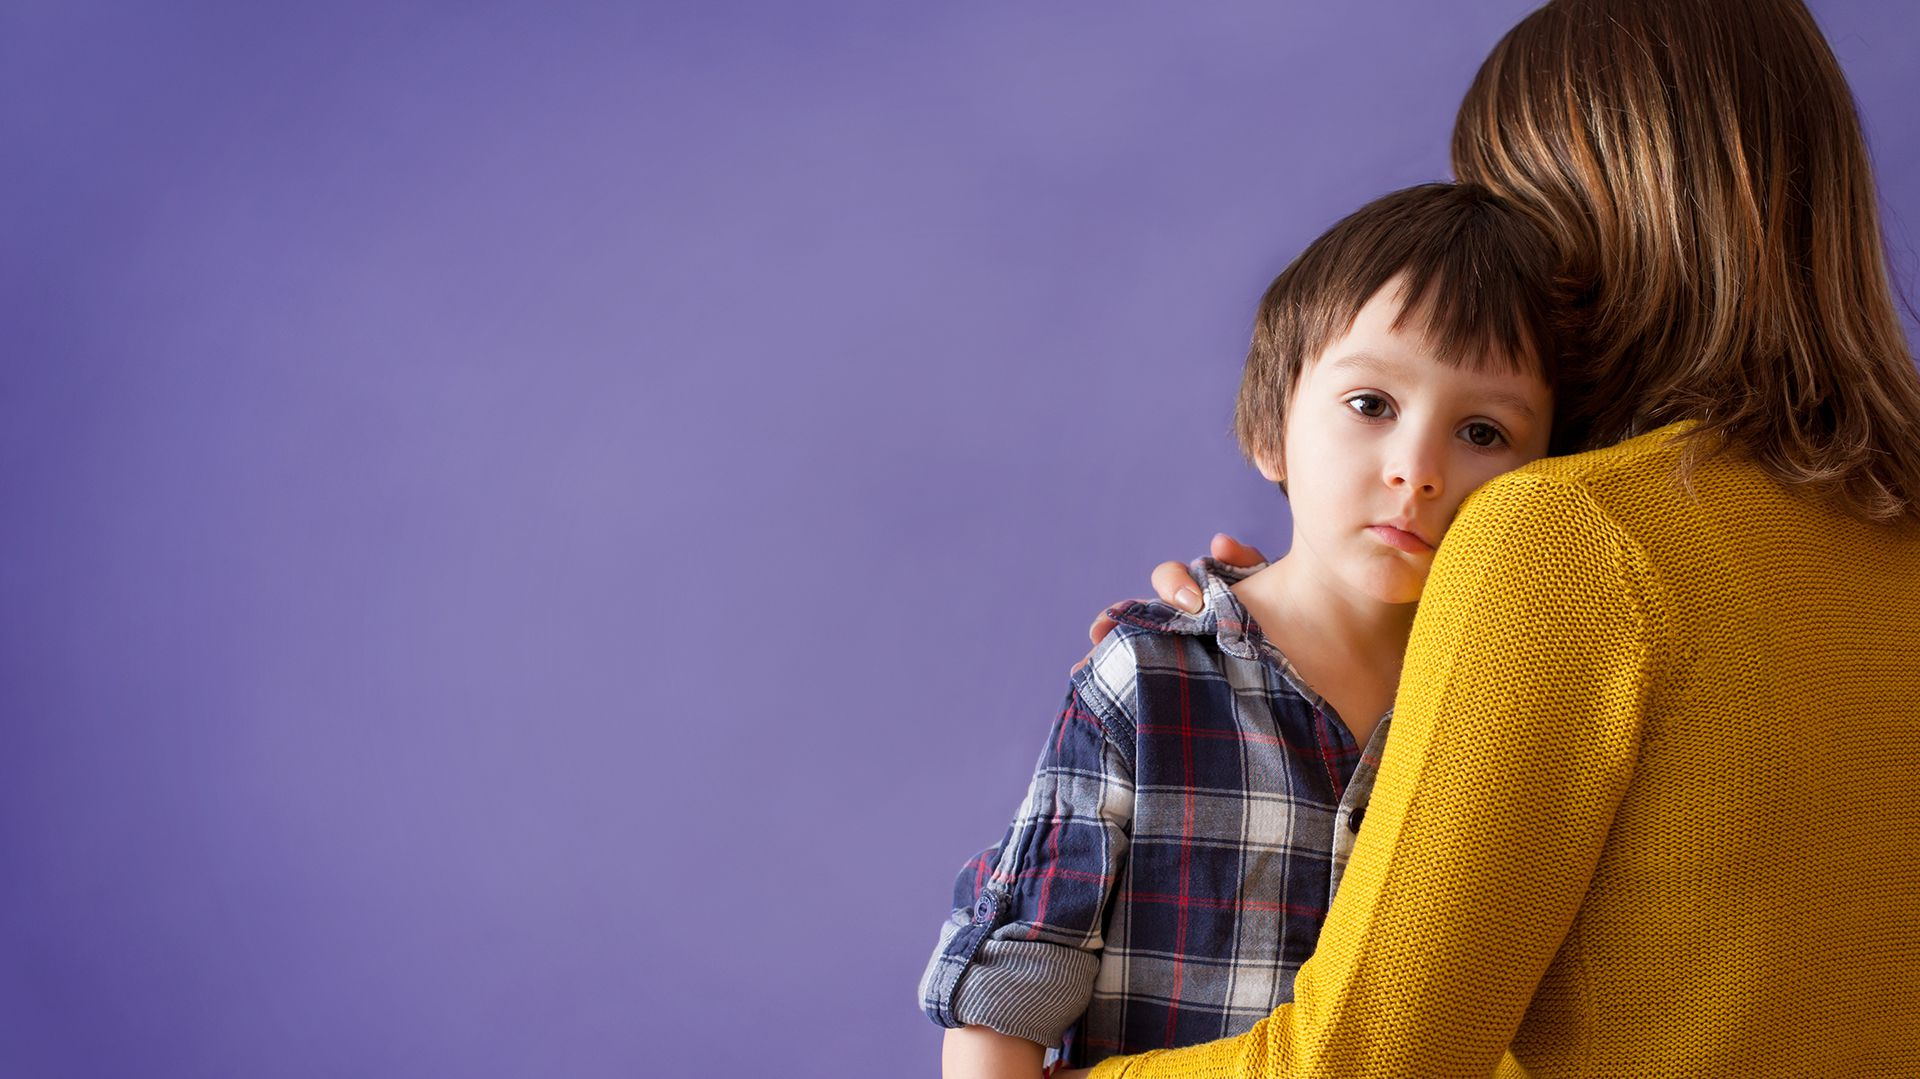 Según una flamante investigación, los hijos de madres deprimidas durante el embarazo tienen más probabilidades de sufrir depresión en el futuro (Getty)